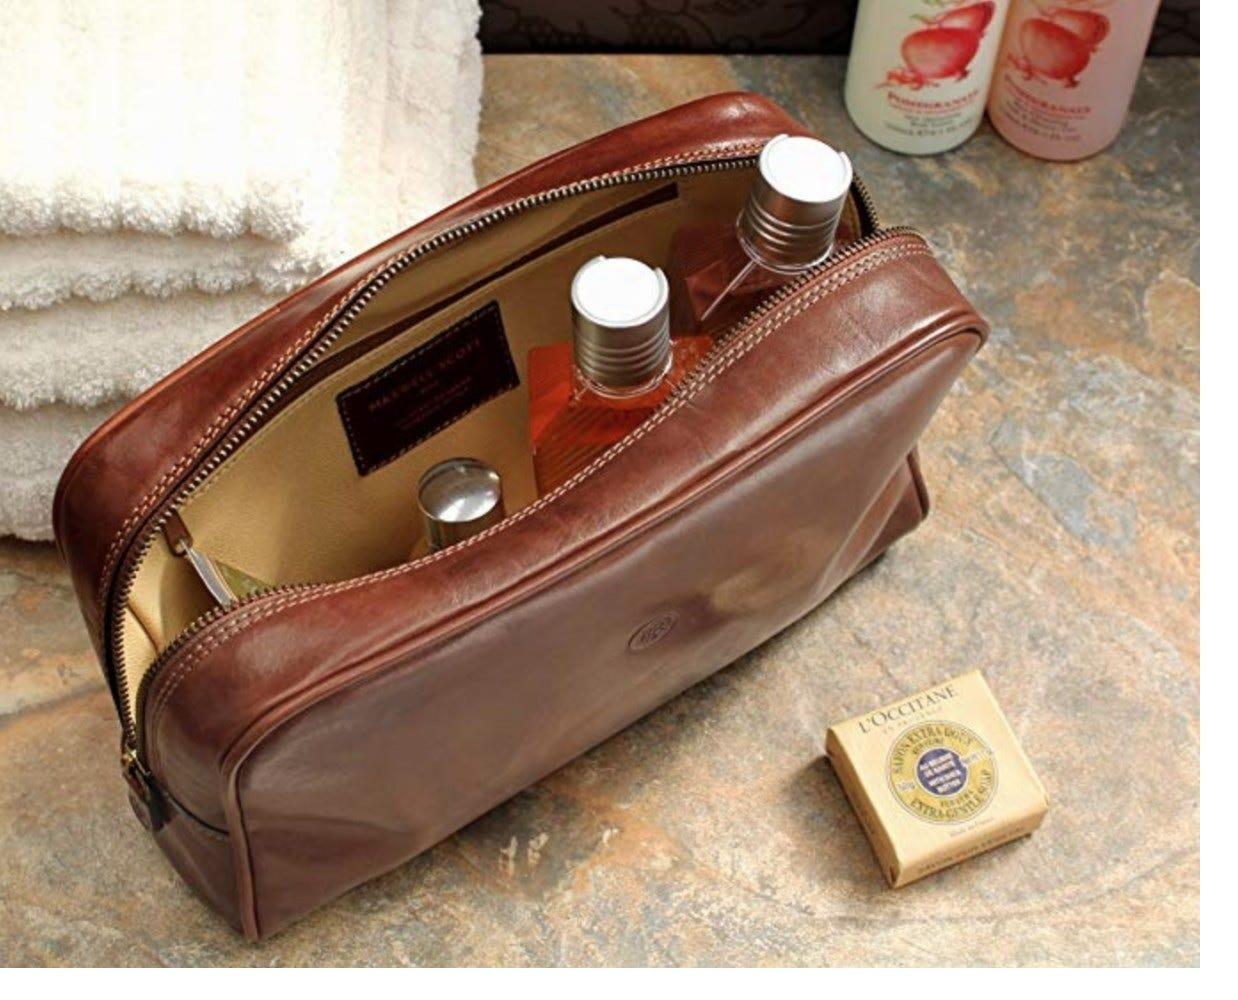 A Maxwell Scott Italian leather Dopp kit